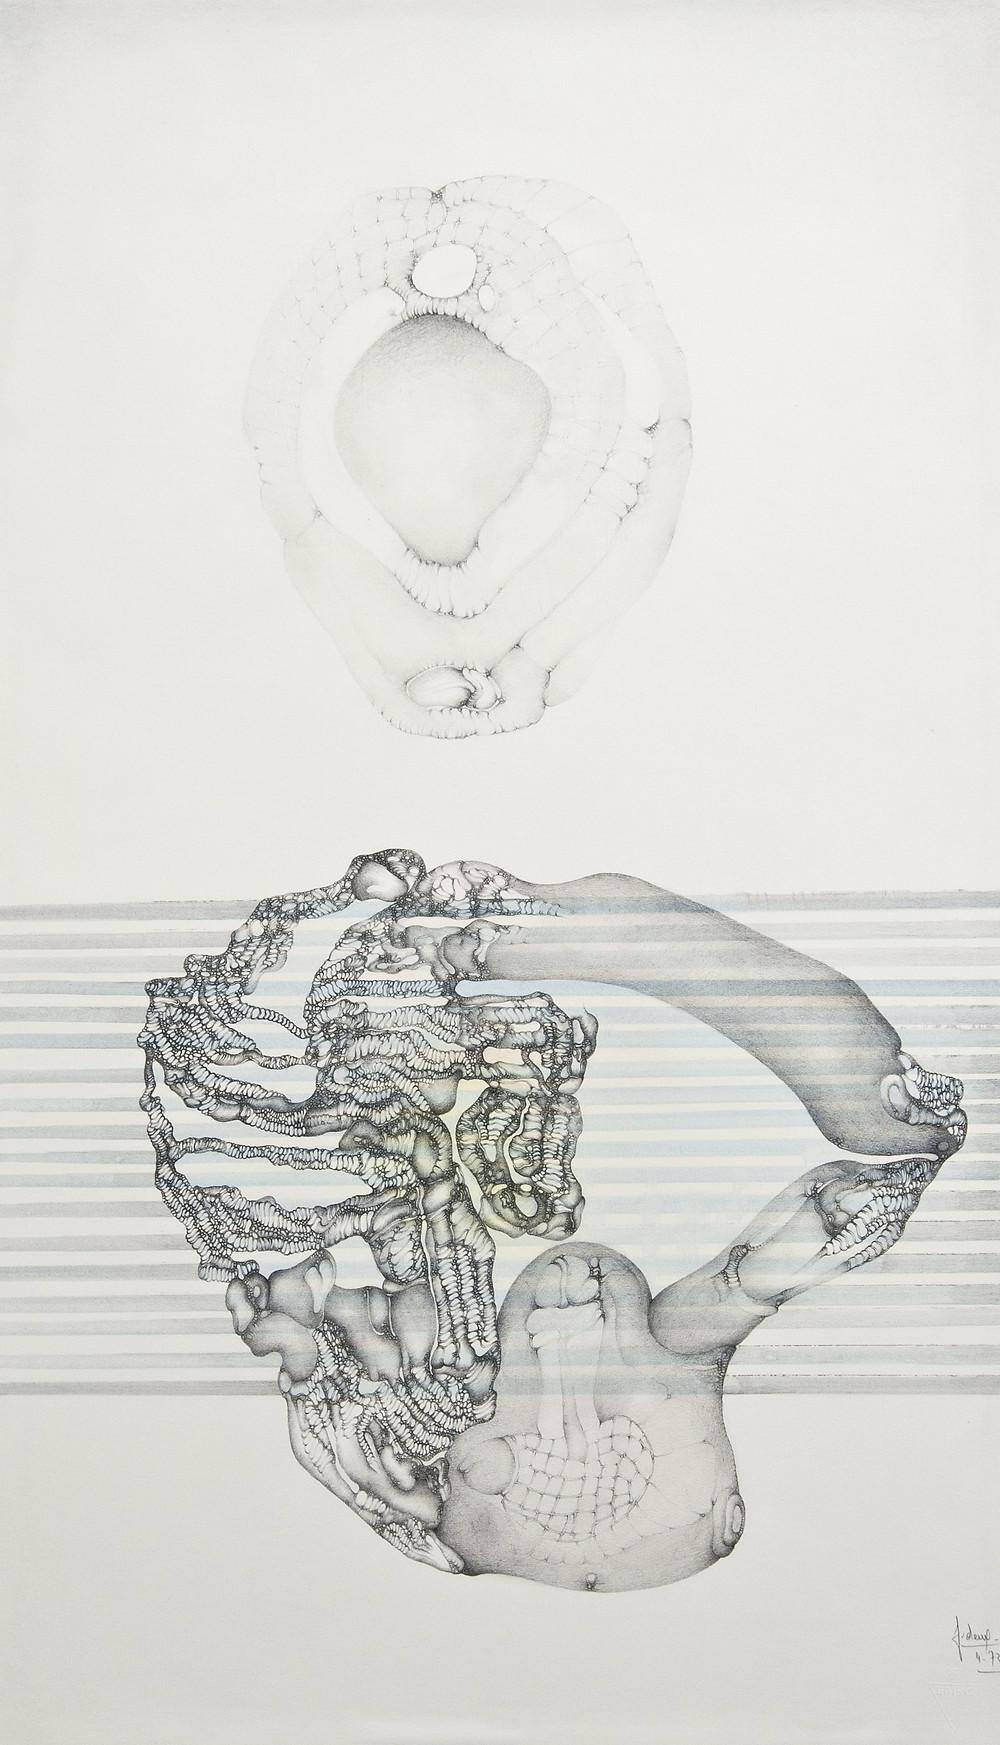 Dessin à la mine de plomb et encre sur papier de l'artiste Fred Deux